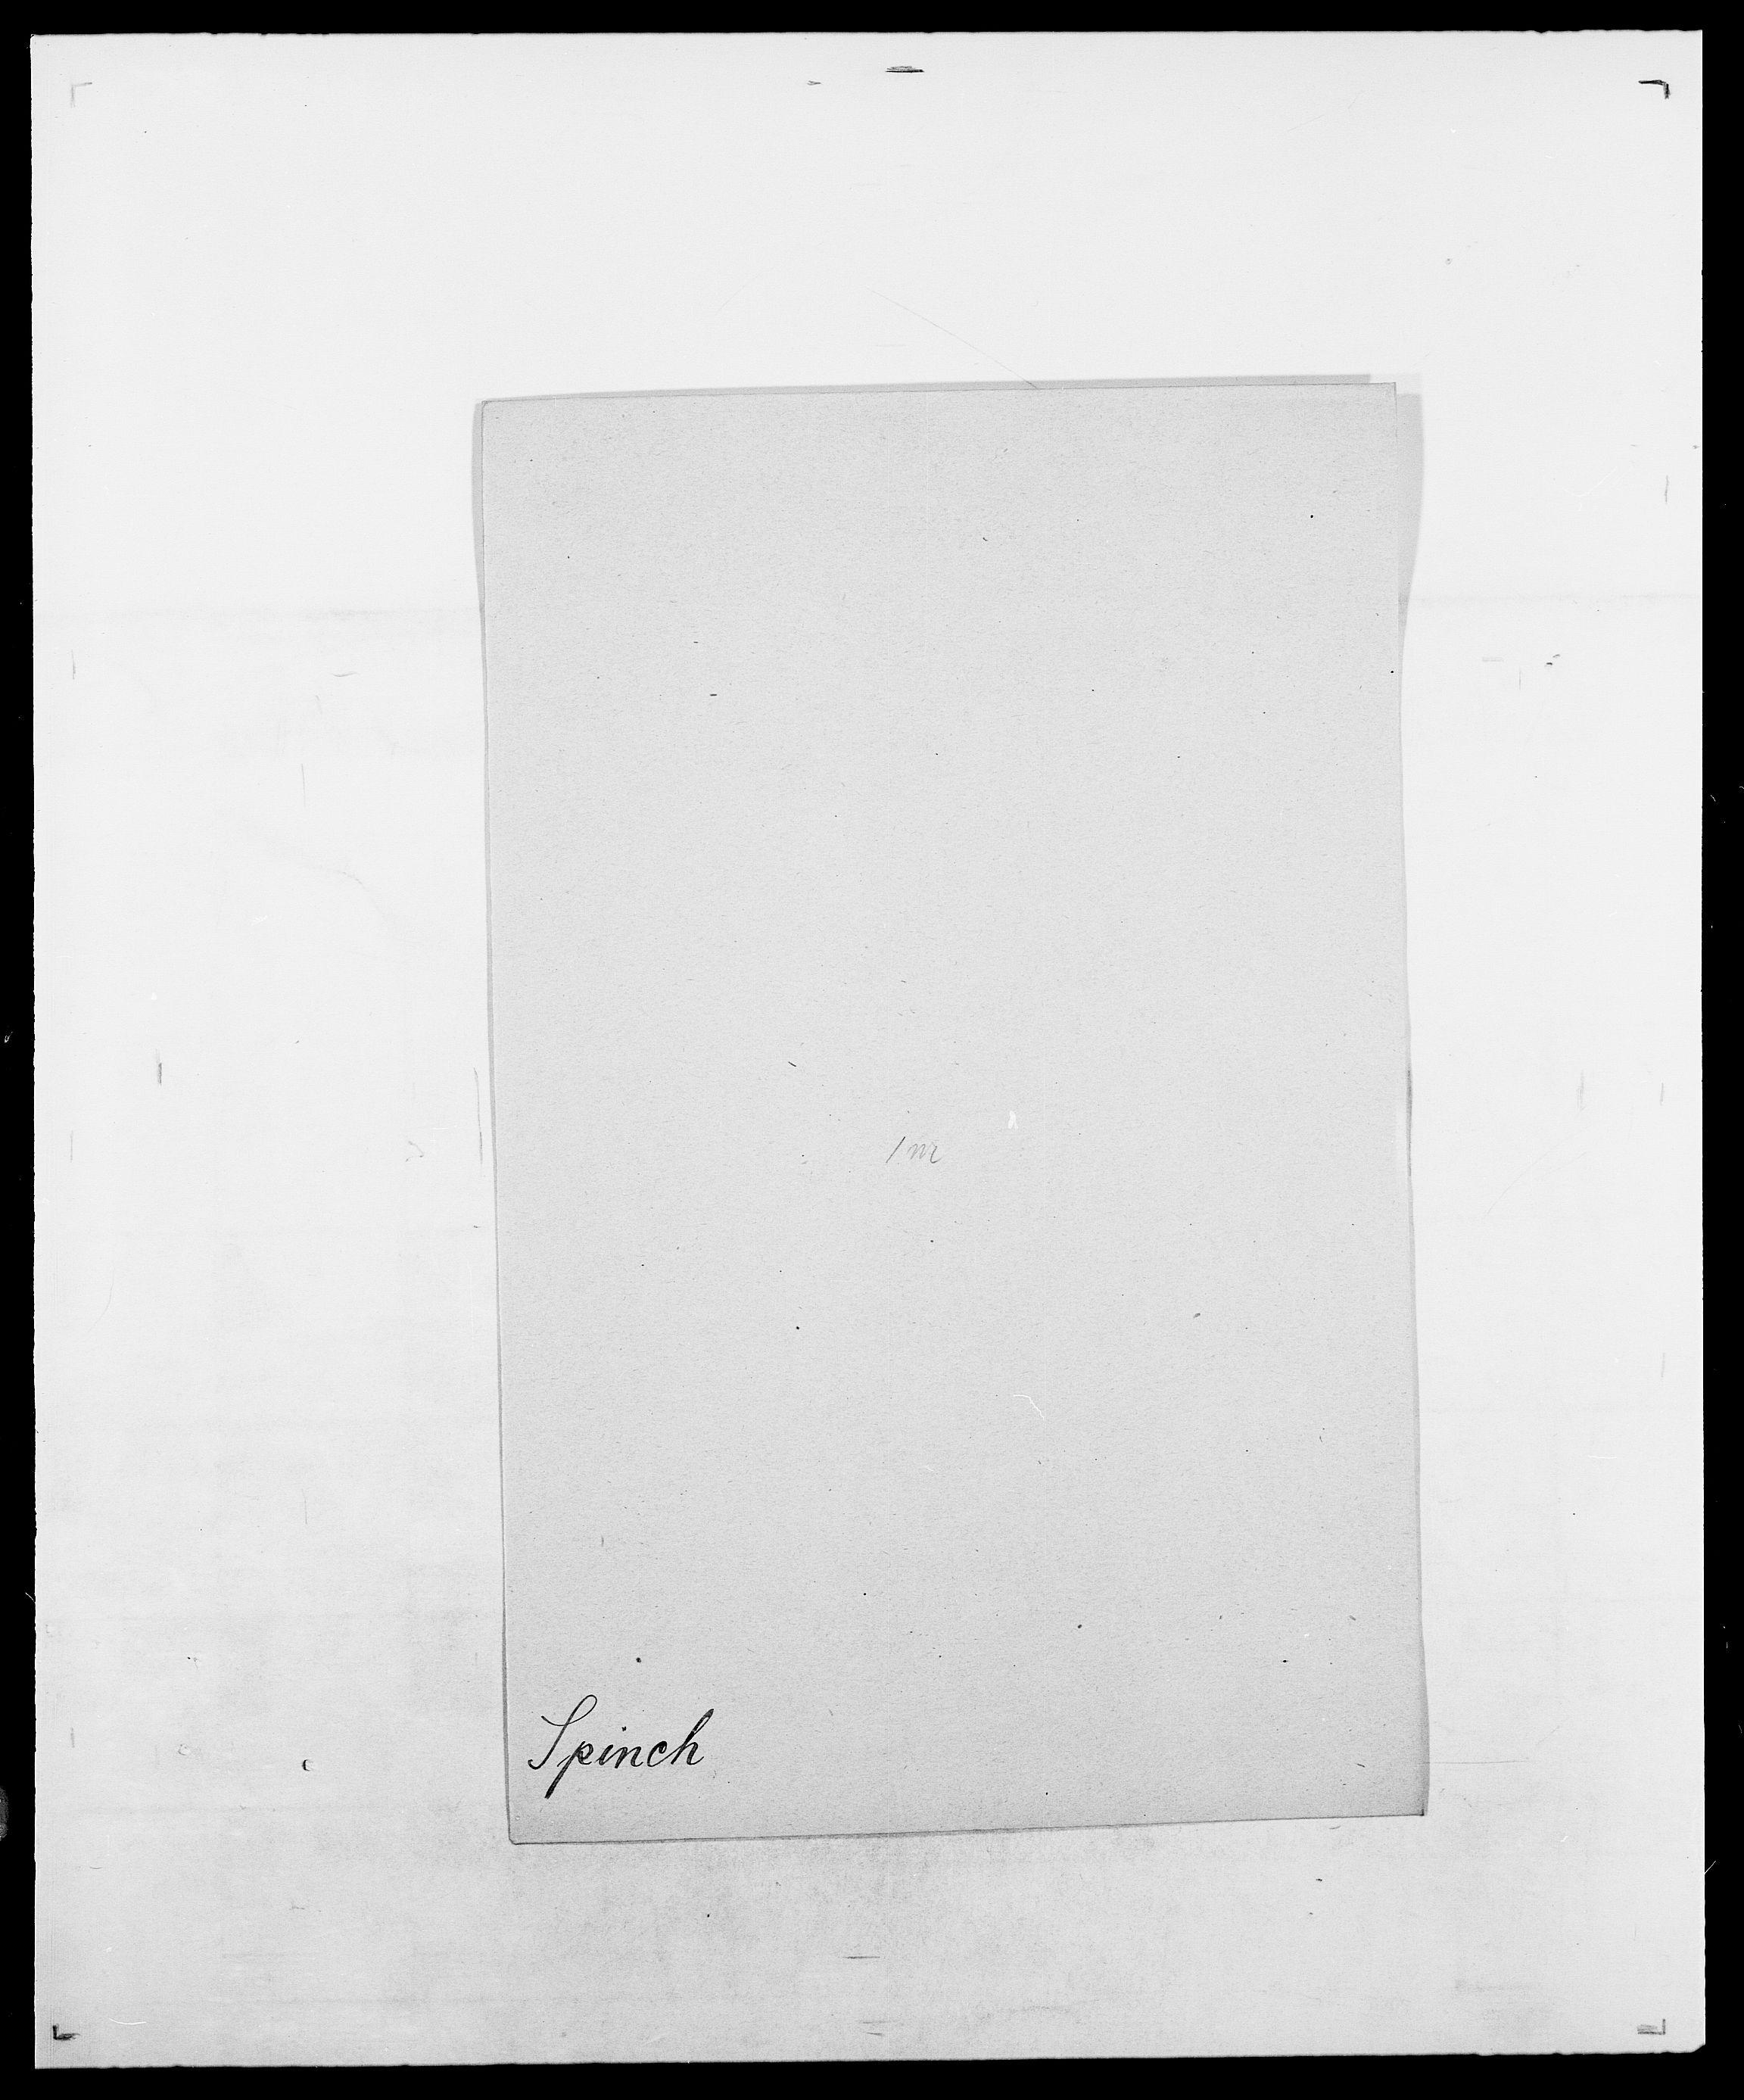 SAO, Delgobe, Charles Antoine - samling, D/Da/L0036: Skaanør - Staverskov, s. 556